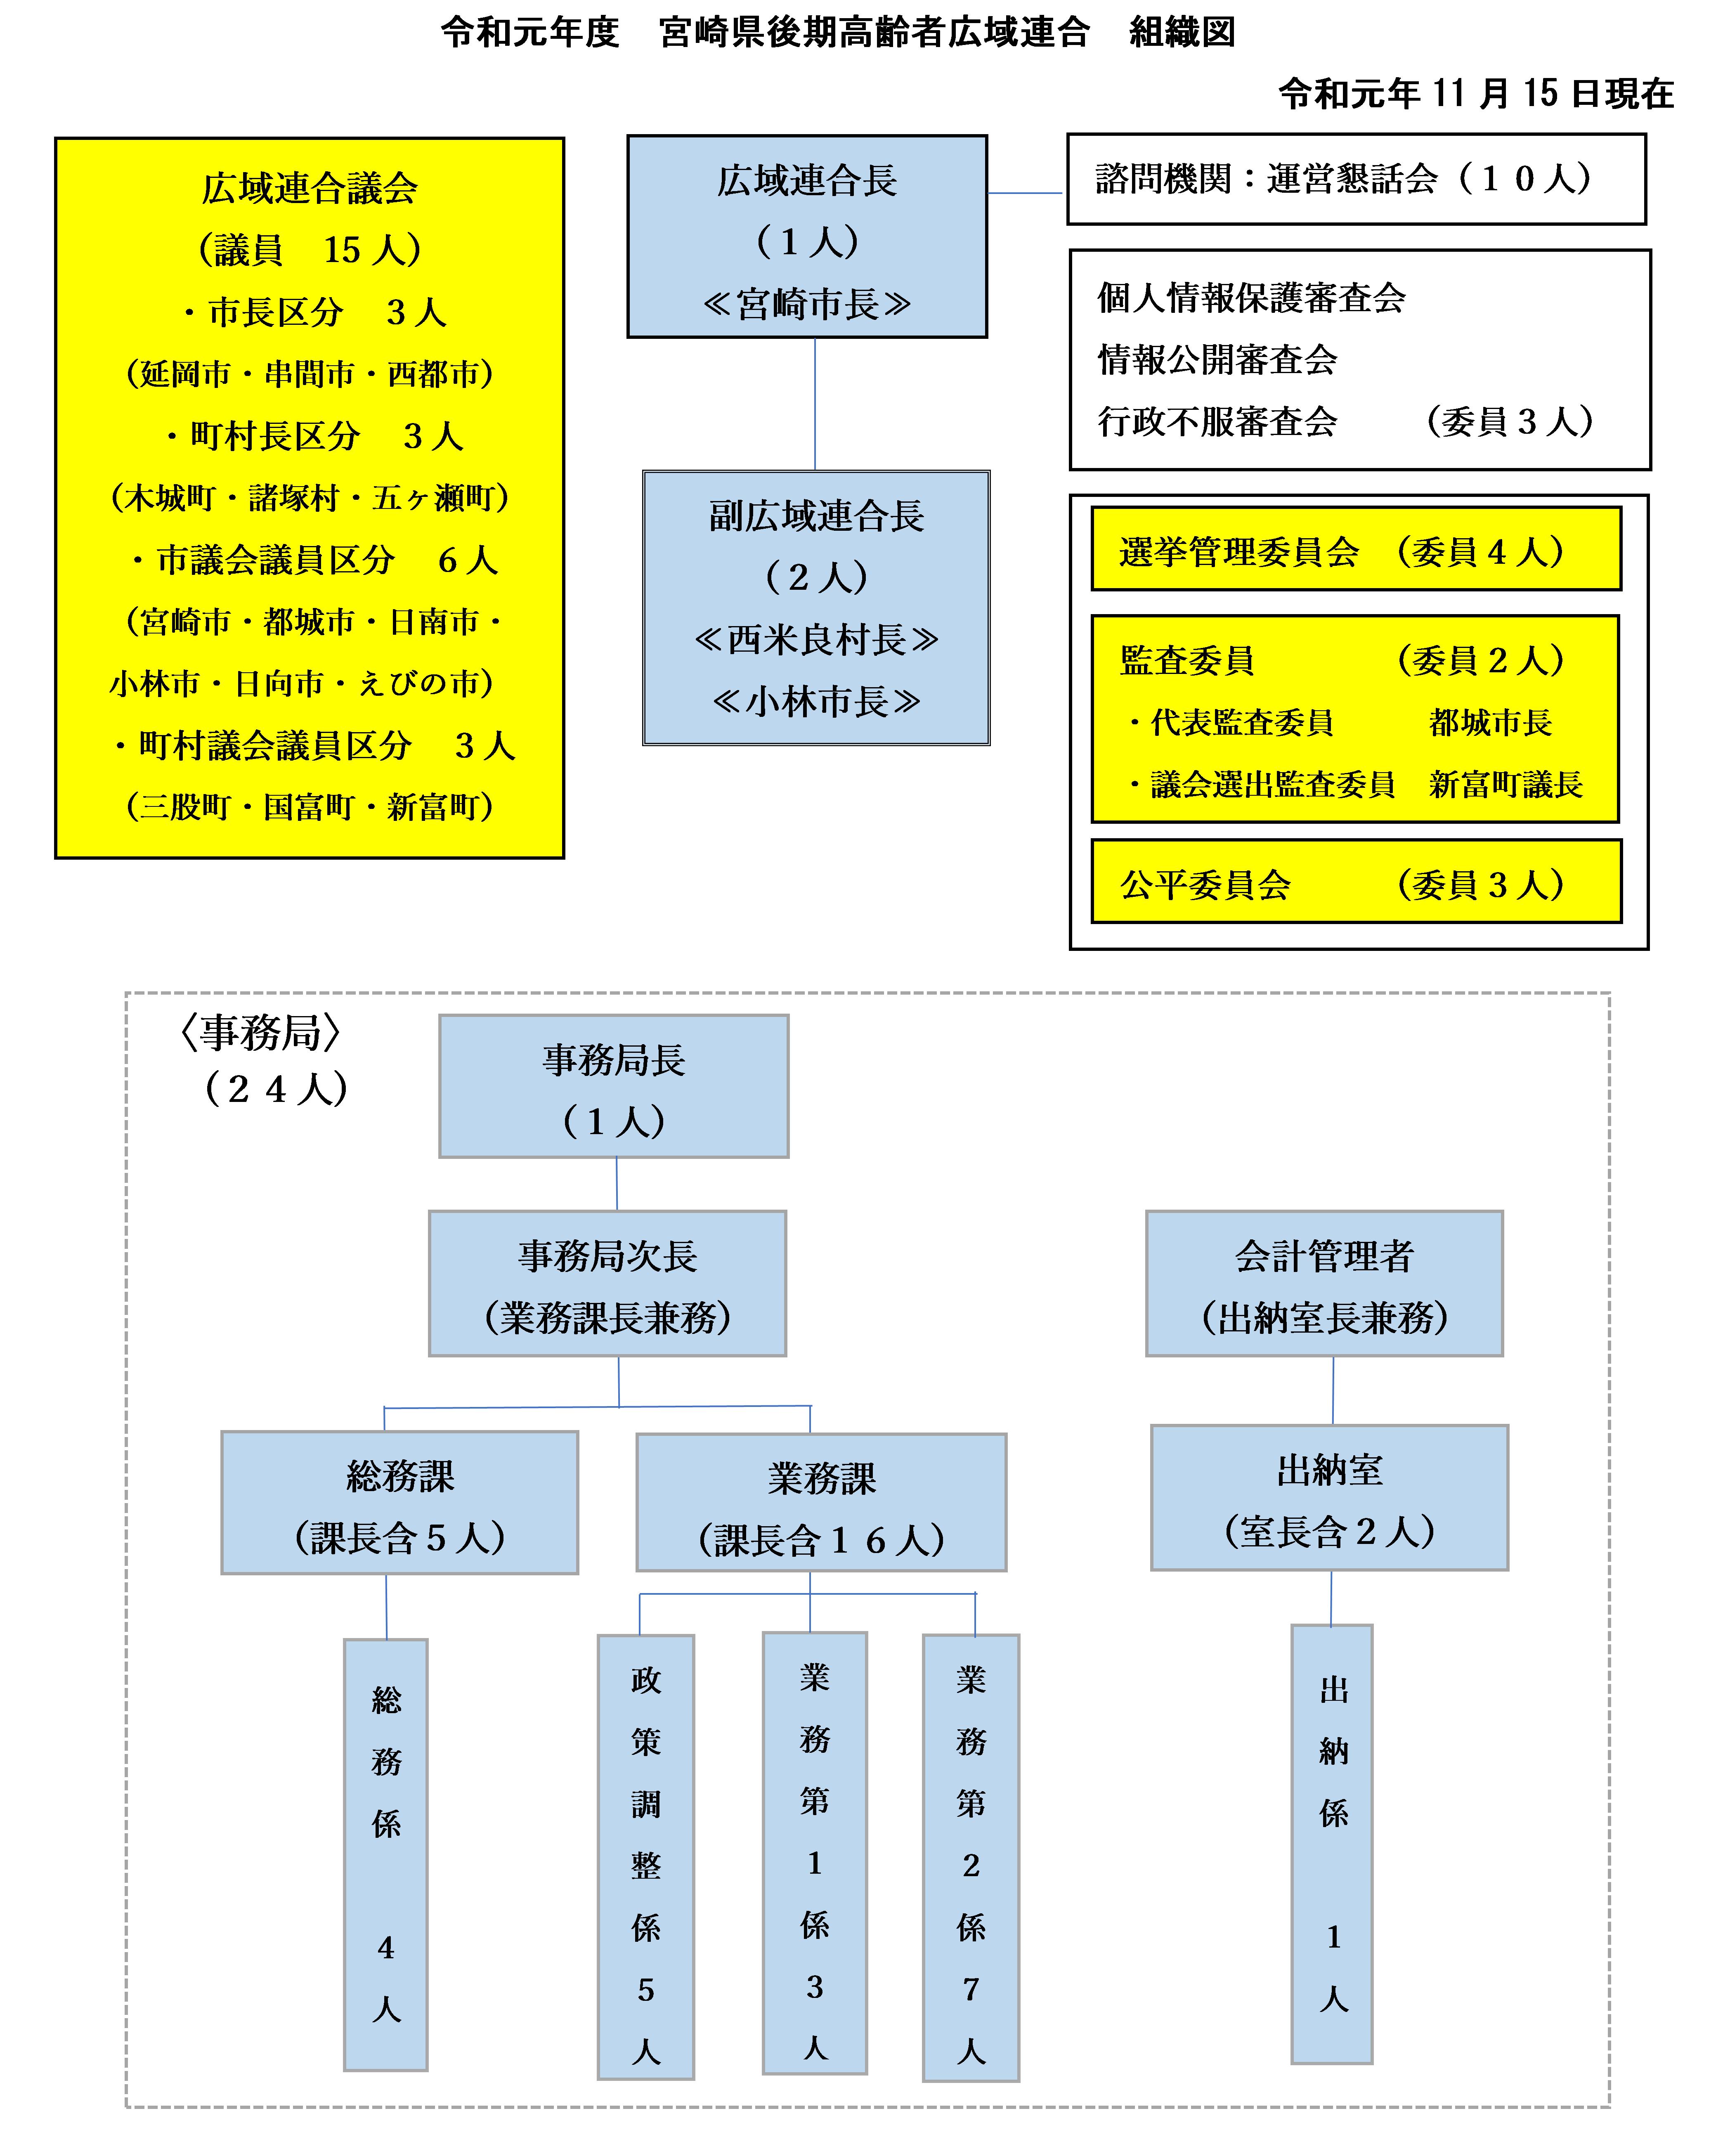 広域連合の各委員会名と人数、事務局の課ごとの人数の組織図